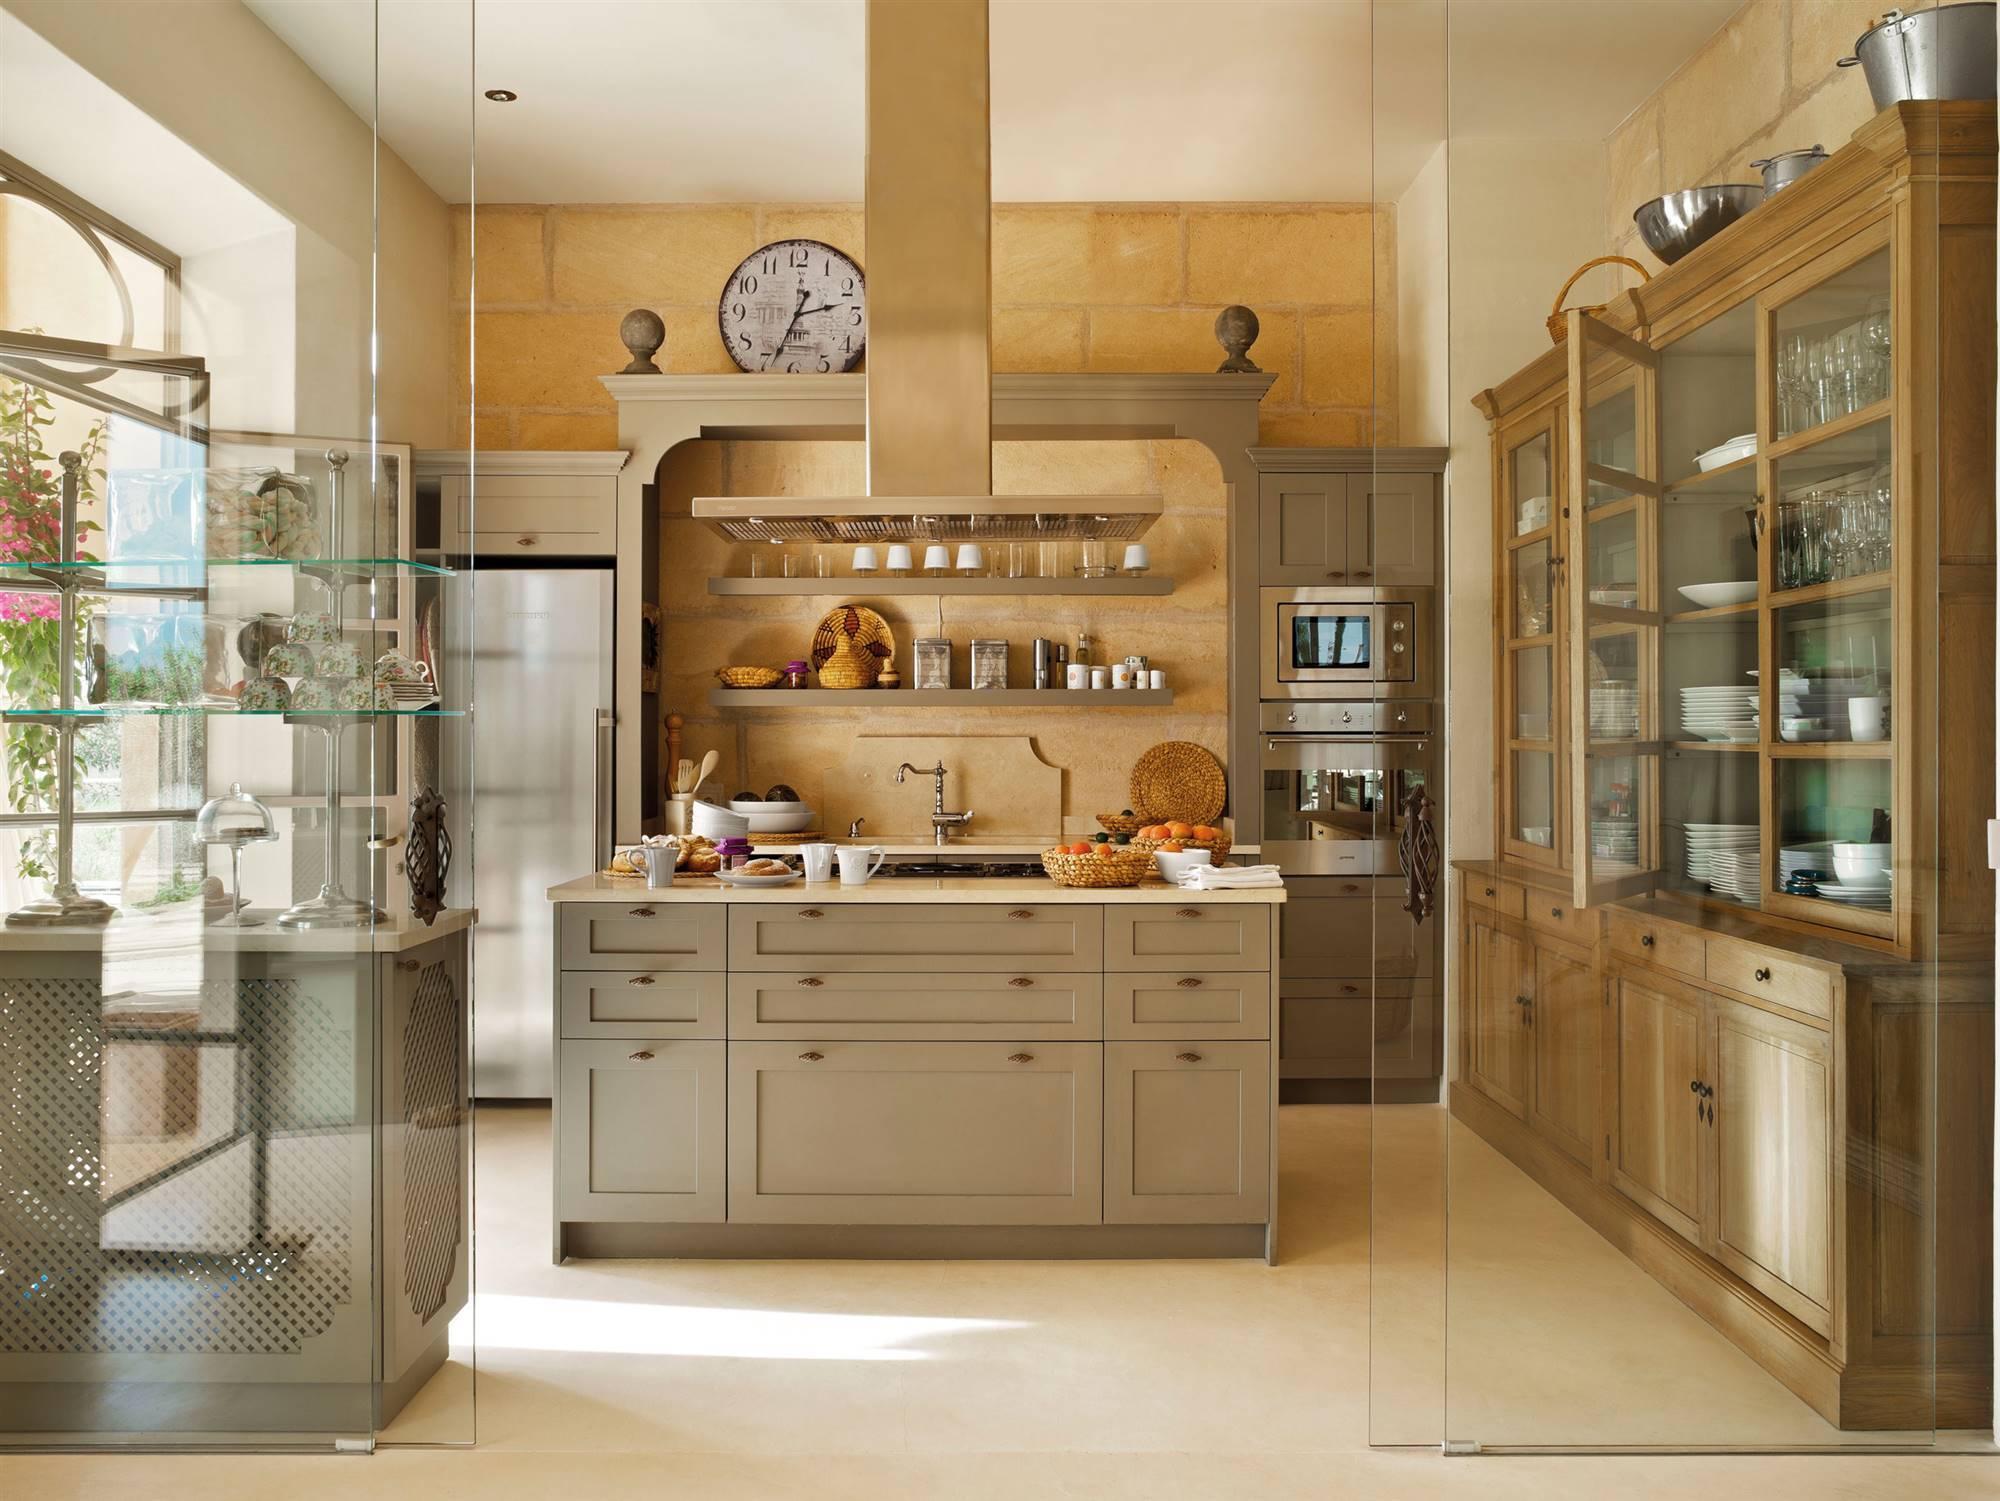 Cocinas clásicas: fotos de cocinas de estilo clásico